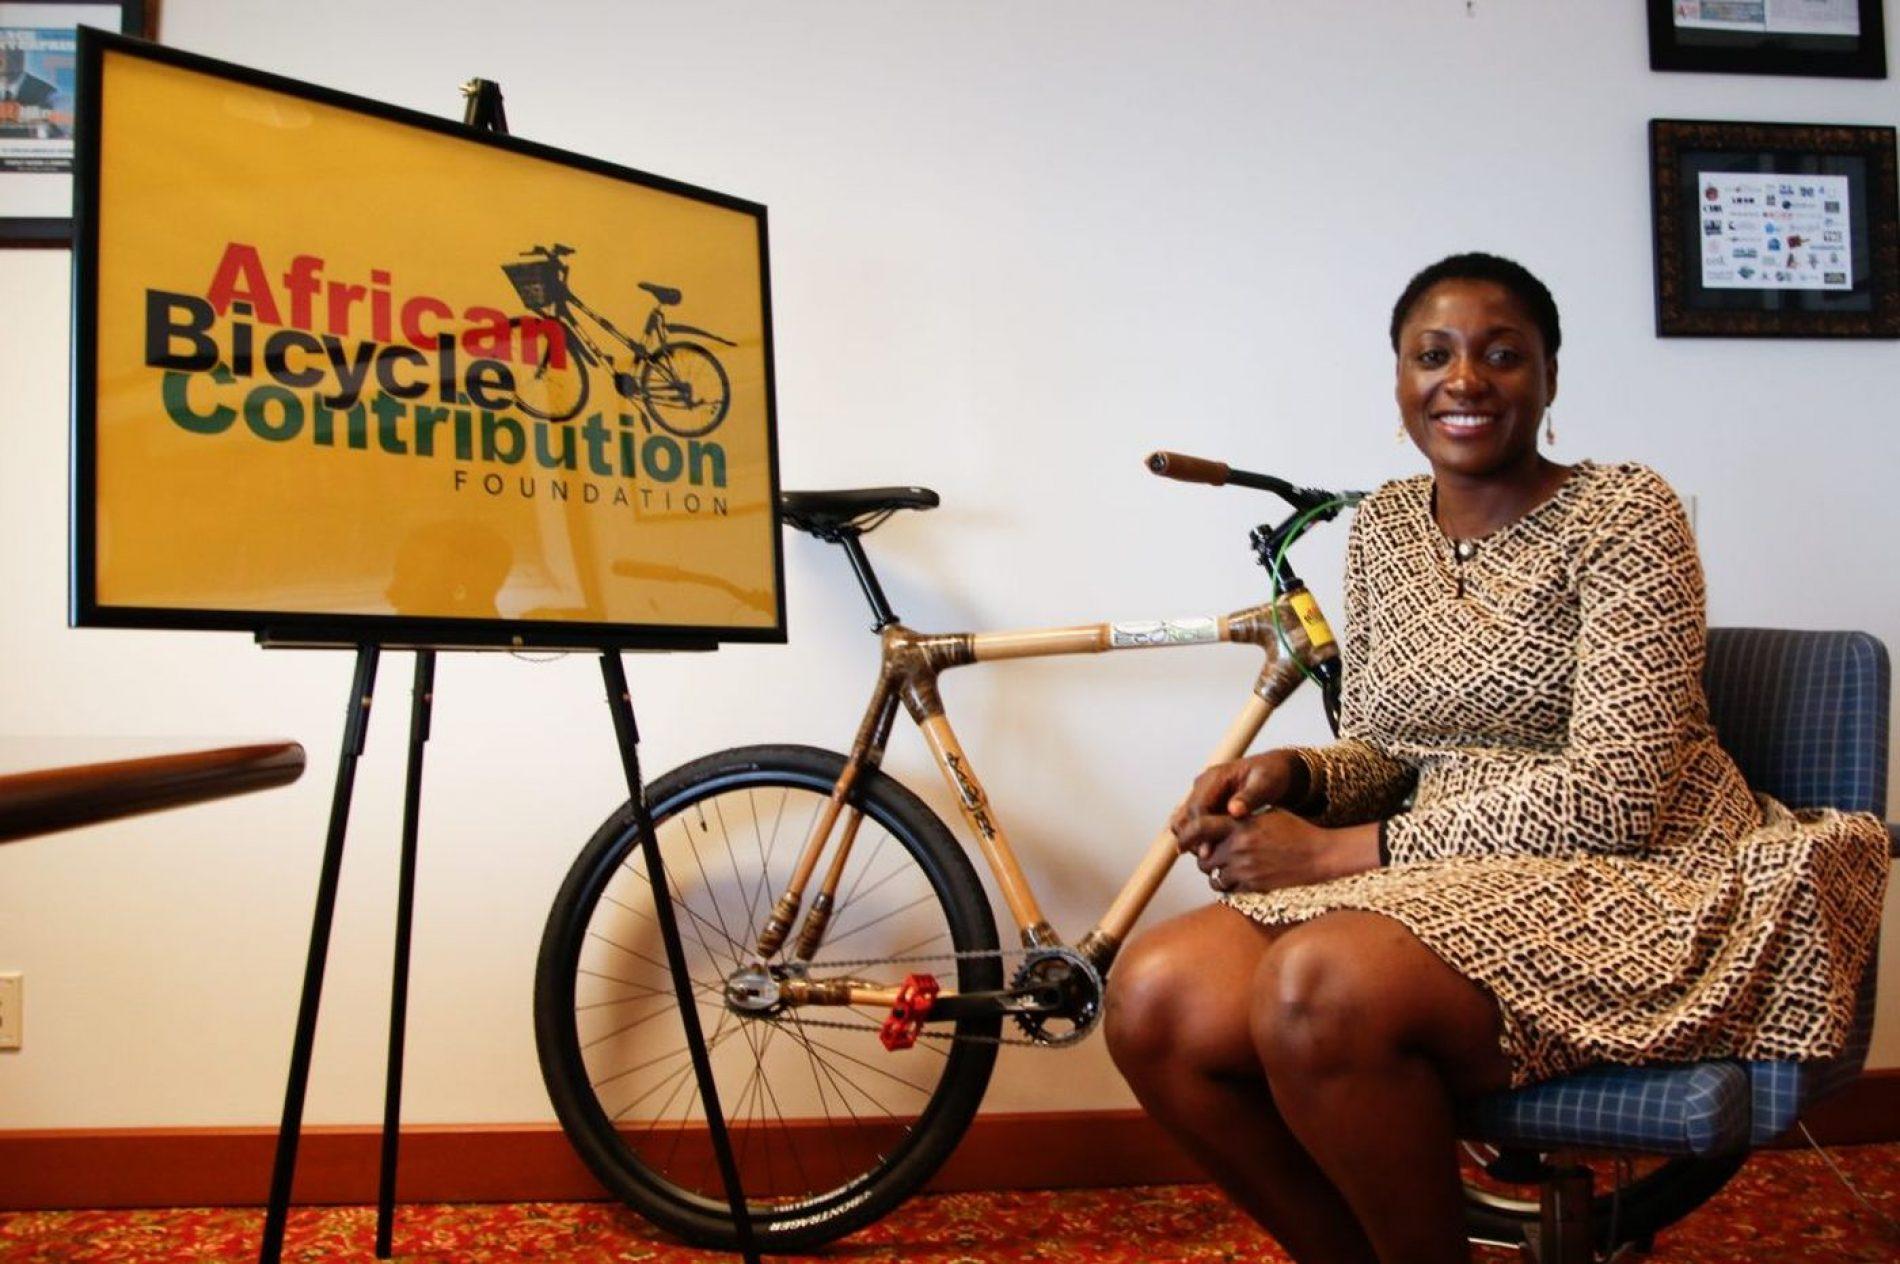 Ghana – développement durable : Une jeune femme réalise des vélos en bambou écologique